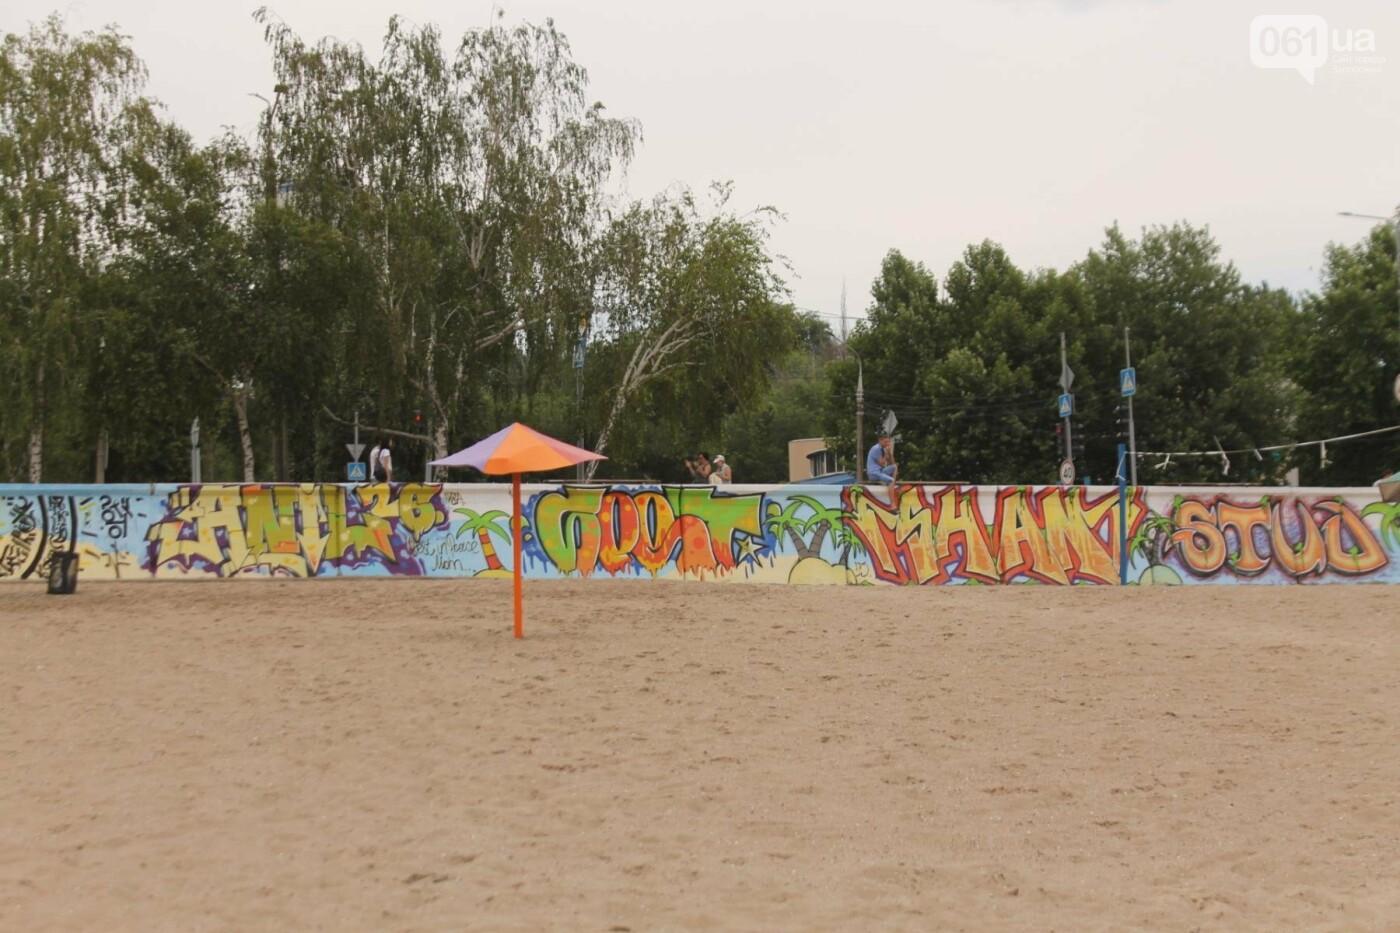 В Запорожье на пляже закончился фестиваль граффити: разрисовали 150 метров бетонной стены, – ФОТОРЕПОРТАЖ, фото-45